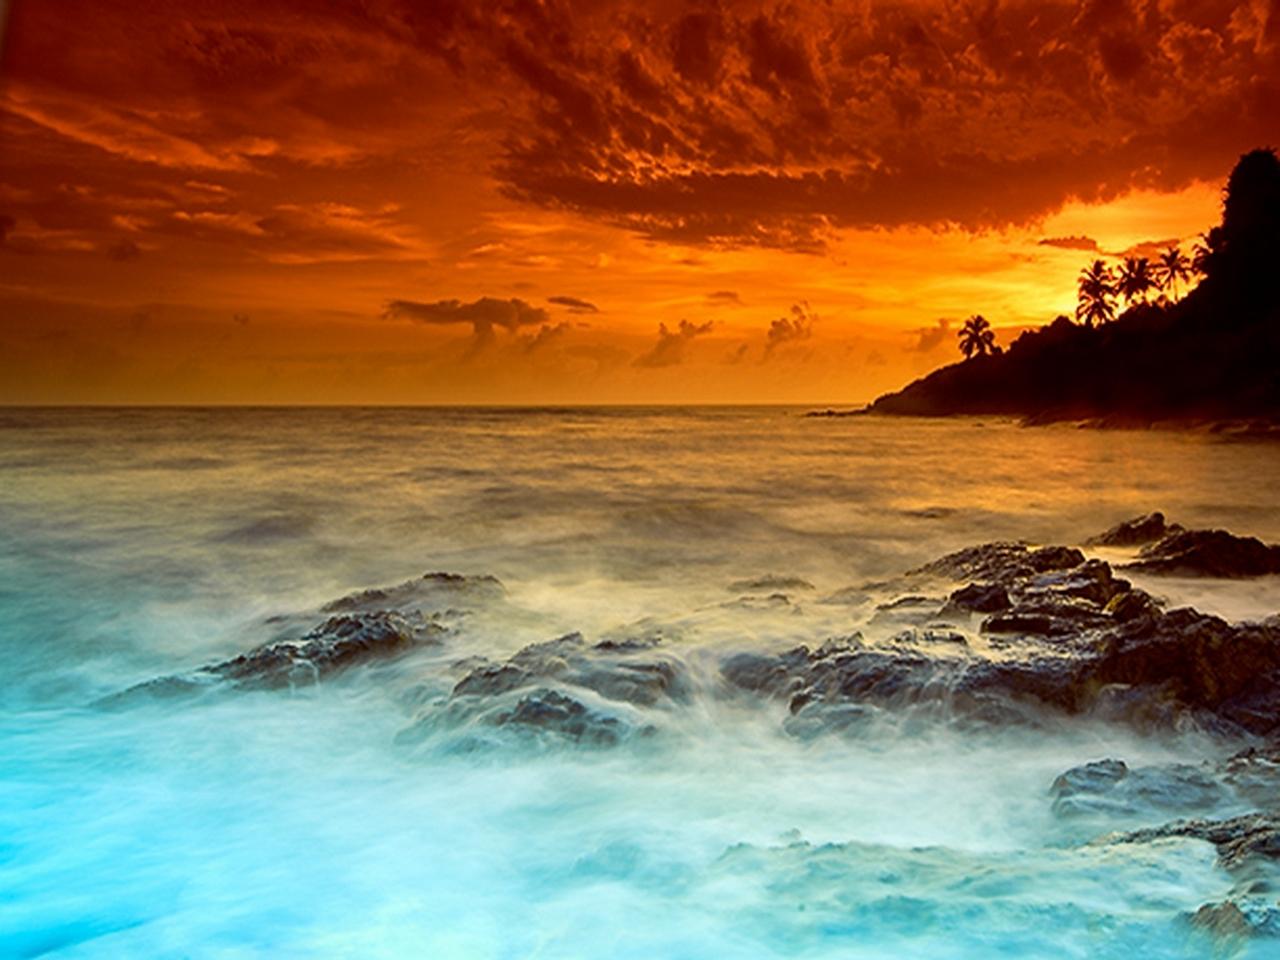 Sfondi Desktop Gratis Natura Paesaggio Esplora Sfondi Vista Gratis